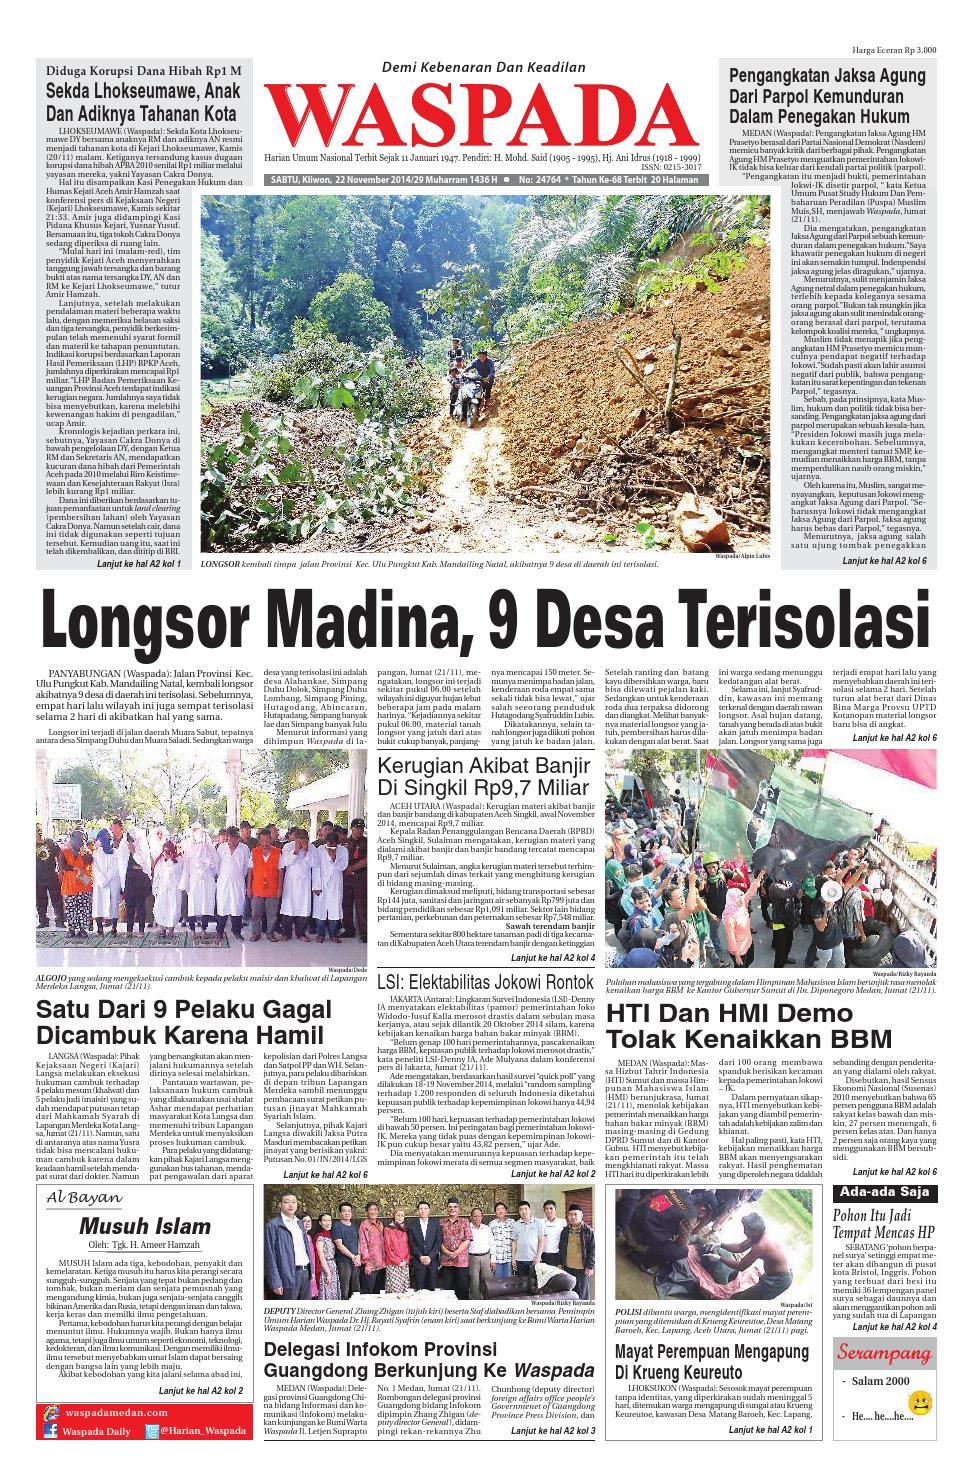 Waspadasabtu 22 November 2014 By Harian Waspada Issuu Produk Ukm Bumn Earring Mas Putih Mutiara Laut